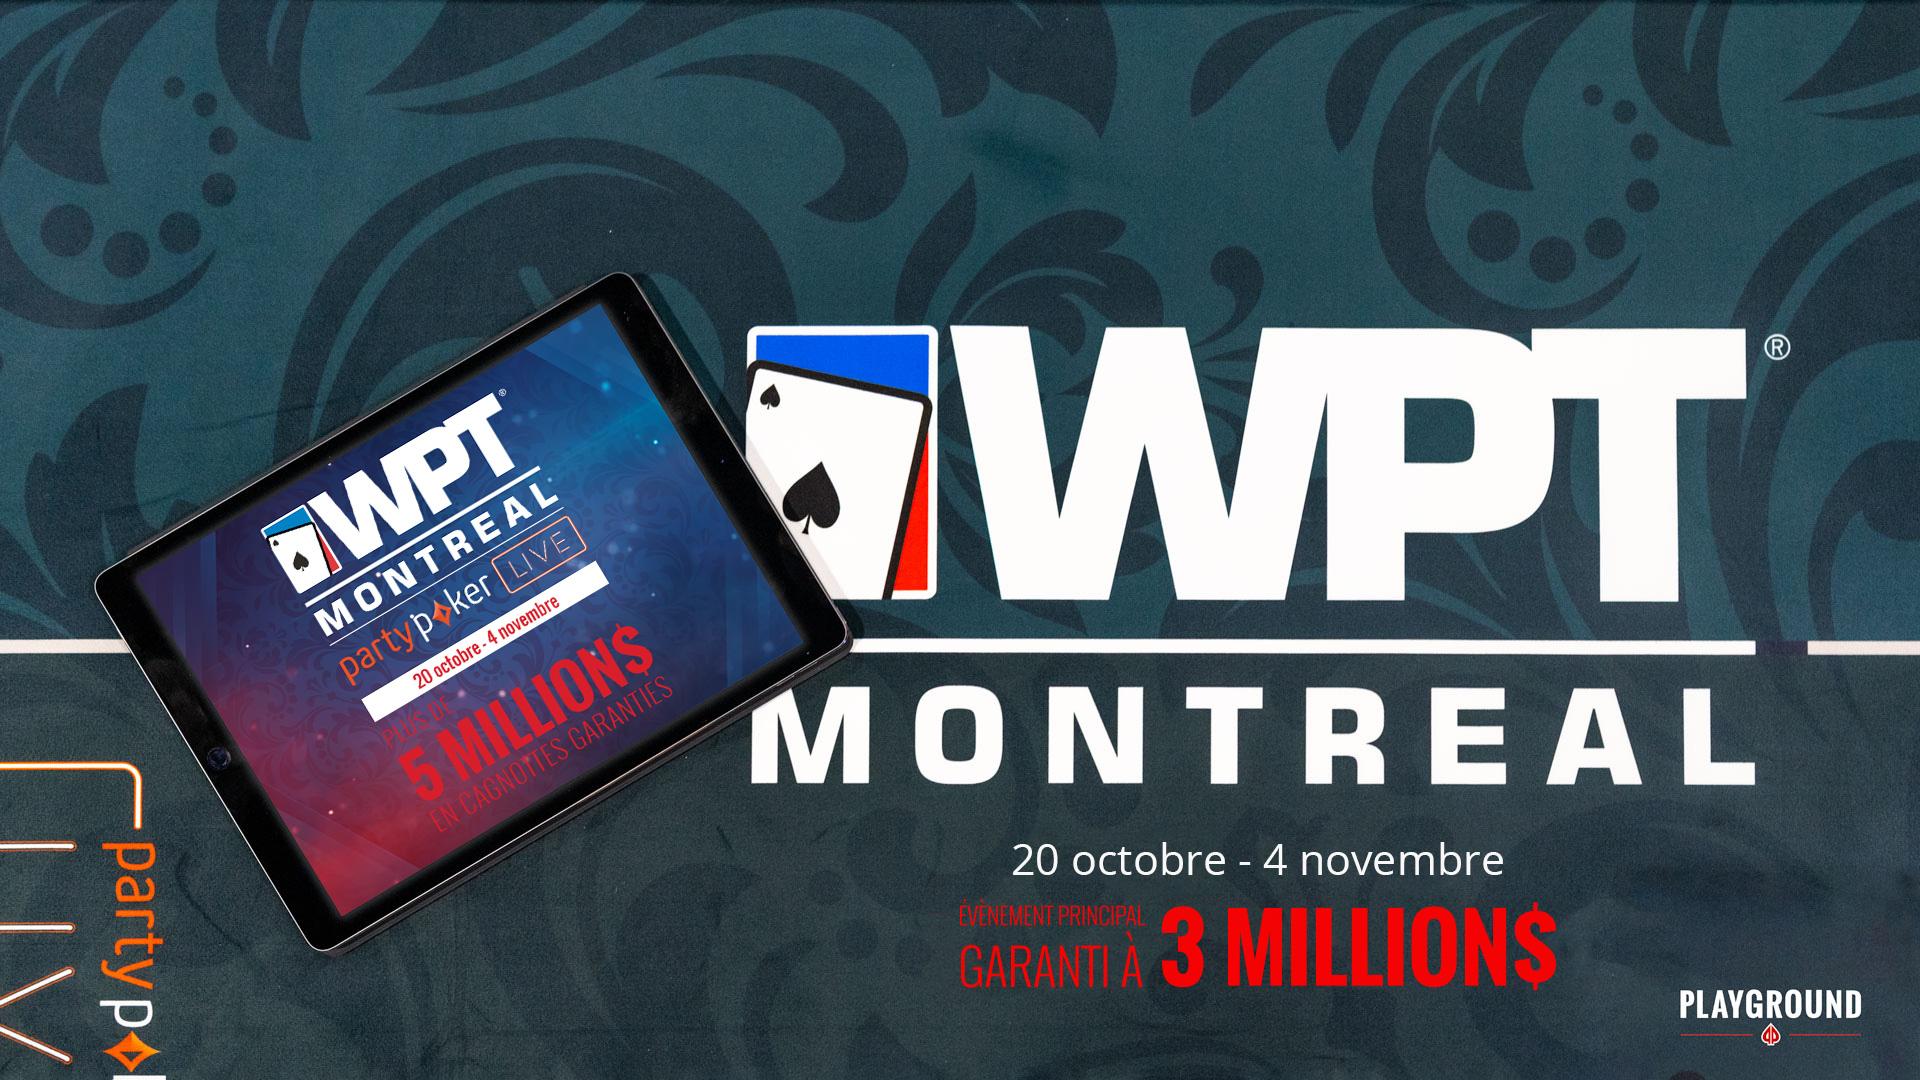 L'Évènement Principal du WPT Montréal Commence ce Week-end sur partypoker